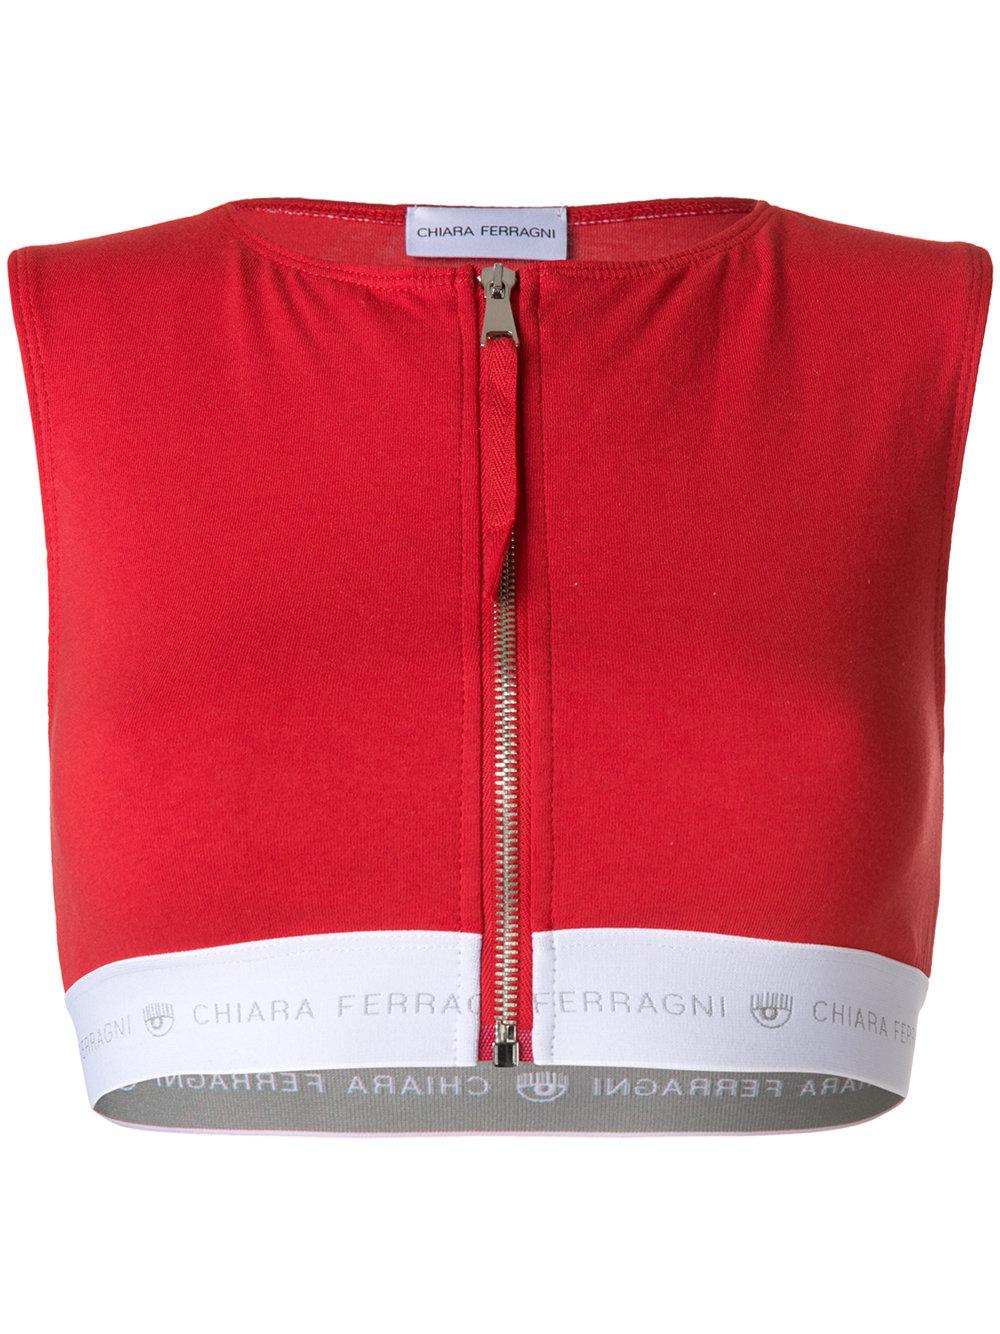 Chiara Ferragni zipped crop top bra